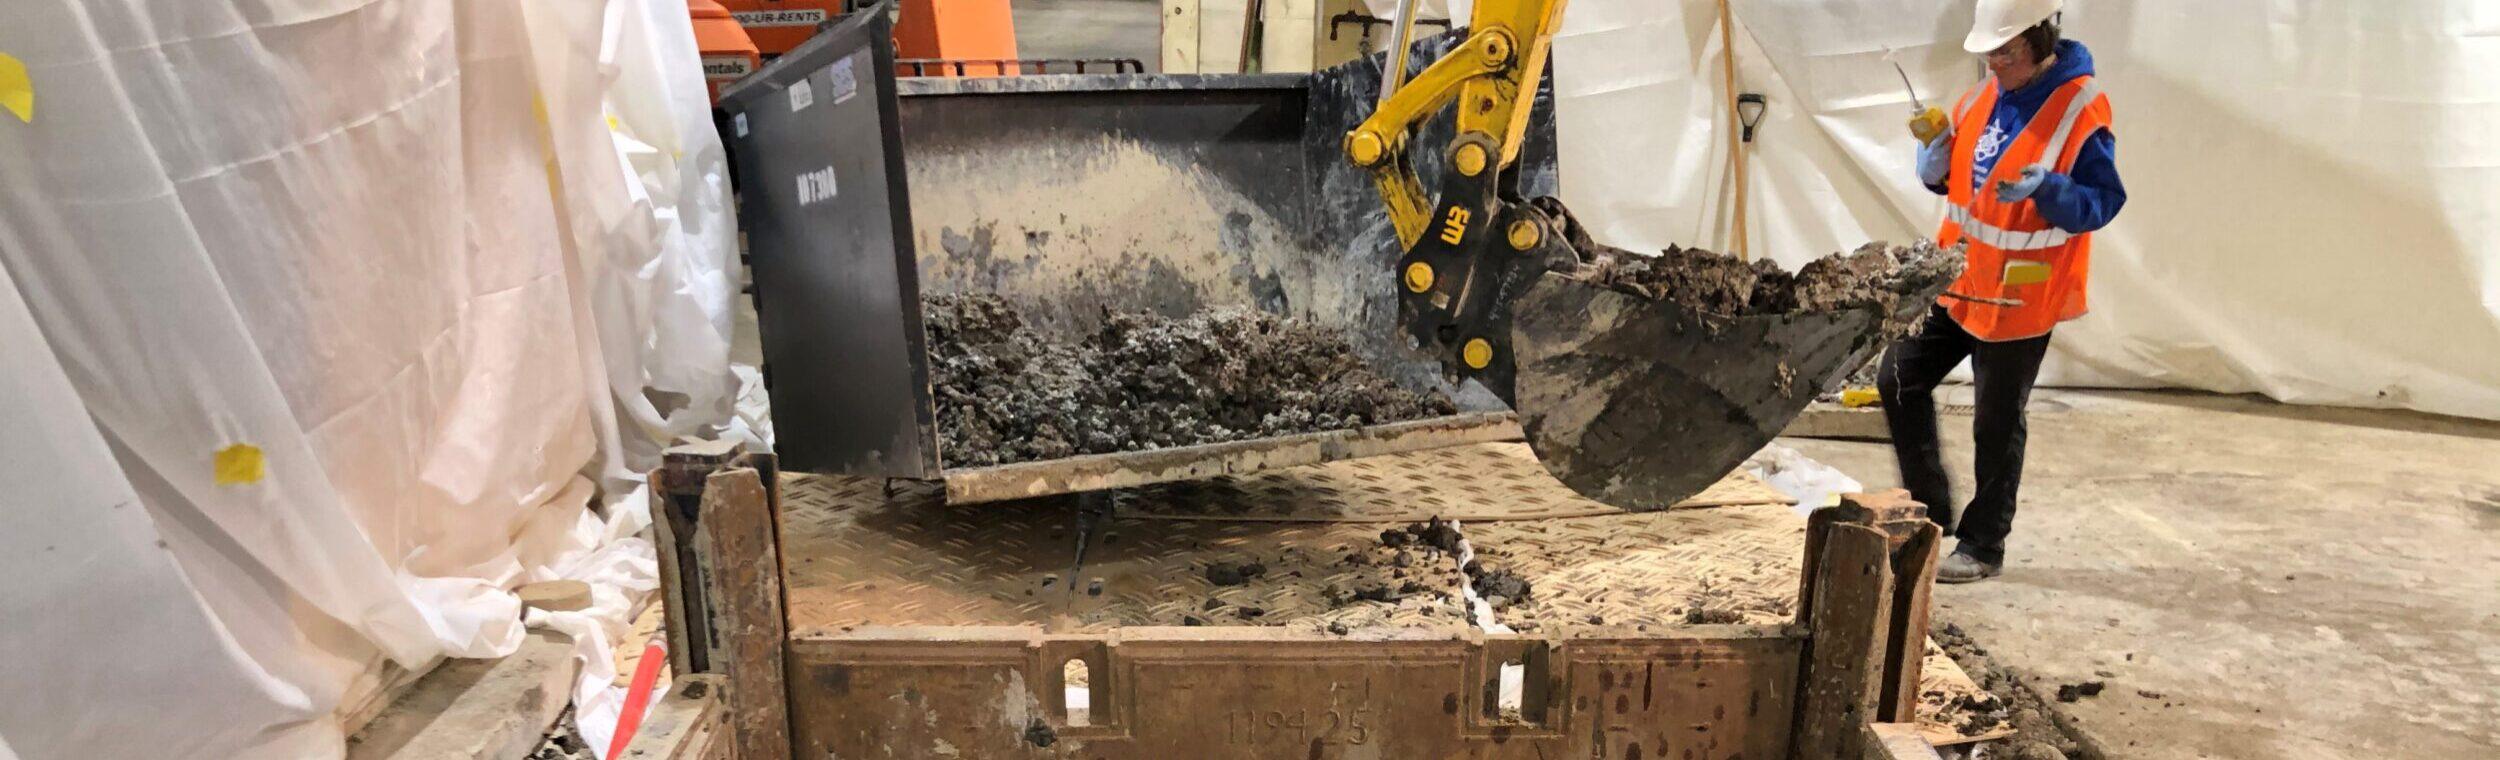 Sessler Environmental Services Ses Jamestown Dig Remediation